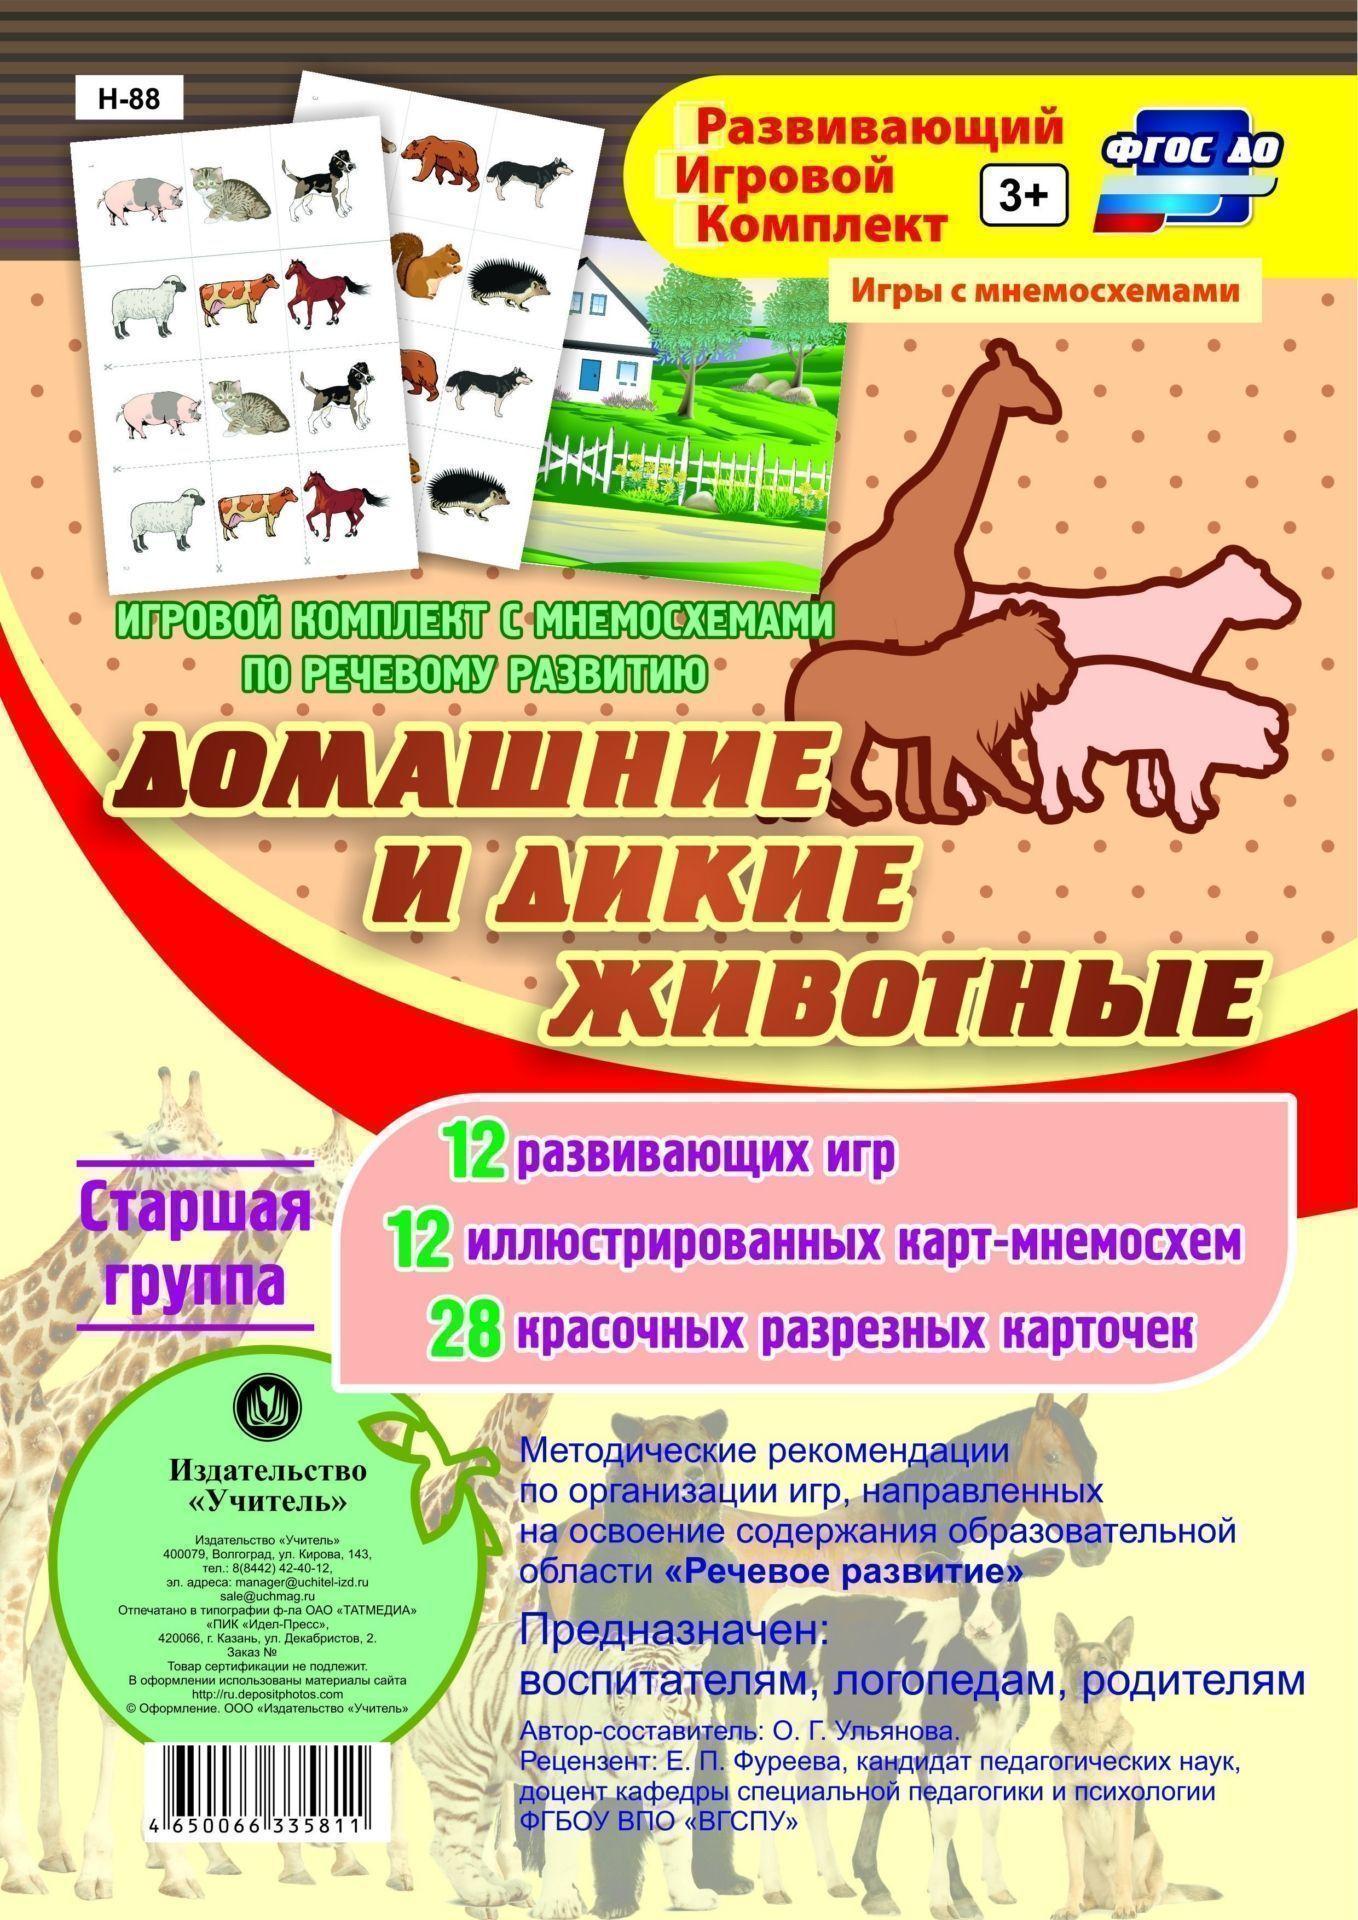 Игровой комплект с мнемосхемами по речевому развитию Дикие и домашние животные. Старшая группа: 12 развивающих игр, иллюстрированных карт-мнемосхем, 28 красочных разрезных карточек